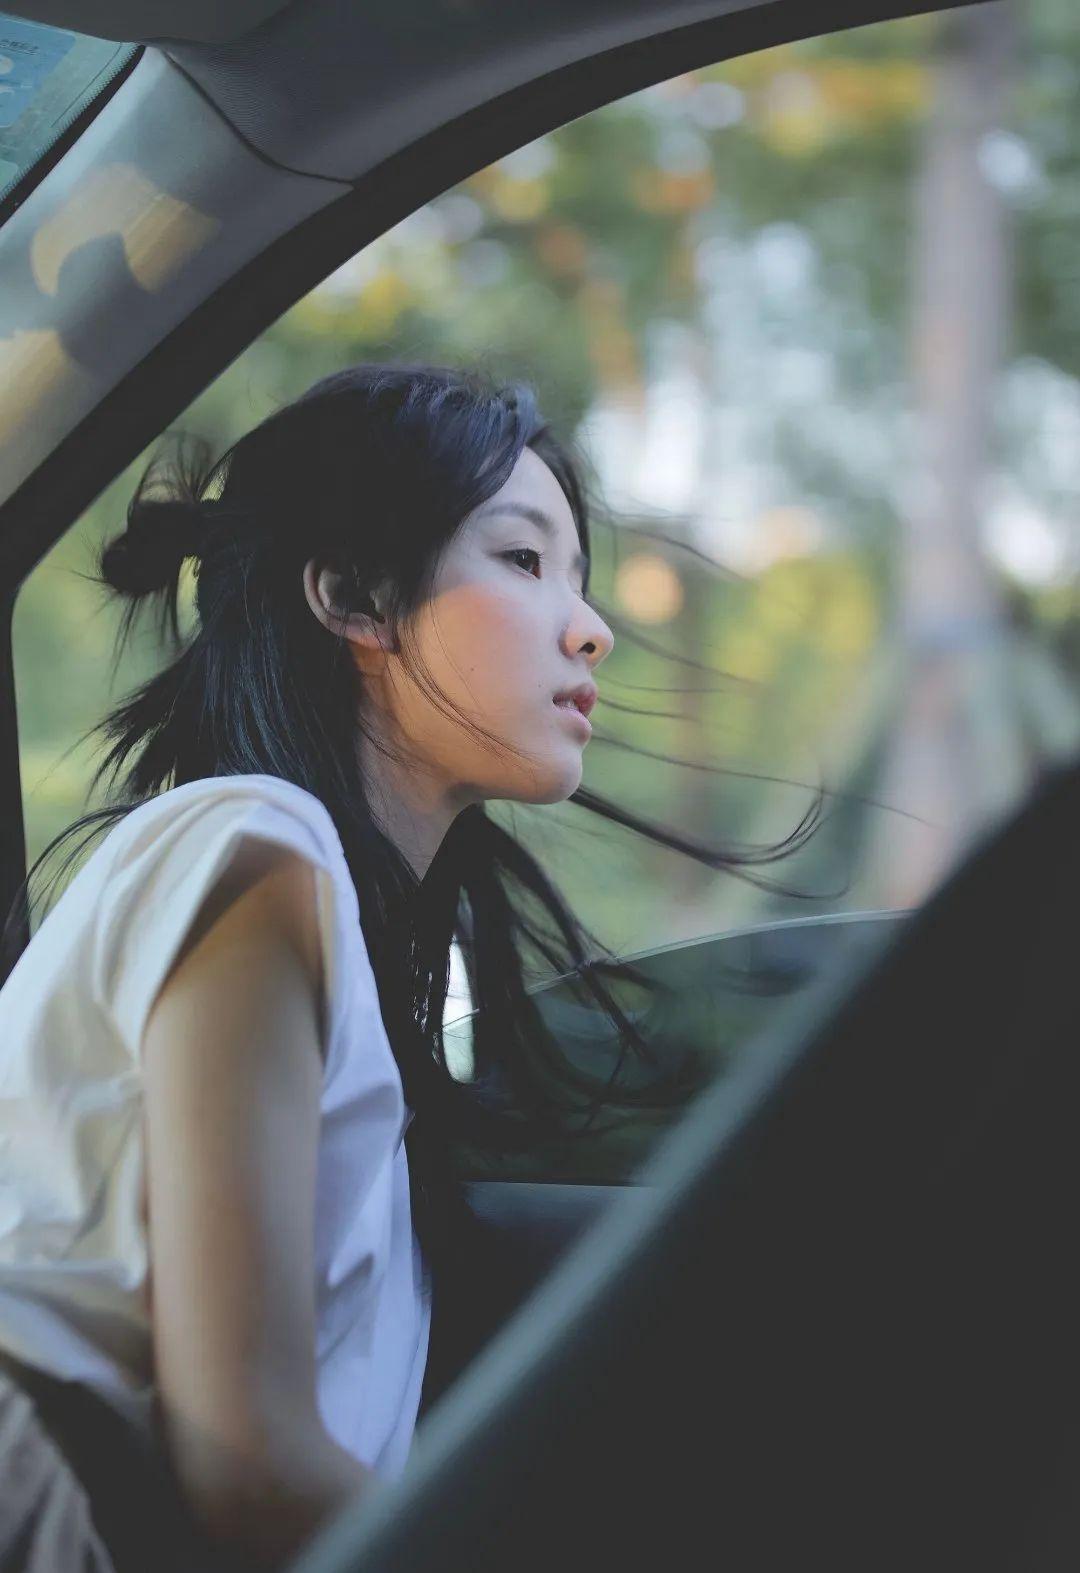 妹子写真 – 理想型的学姐学妹:周也、陈都灵小姐姐_图片 No.1